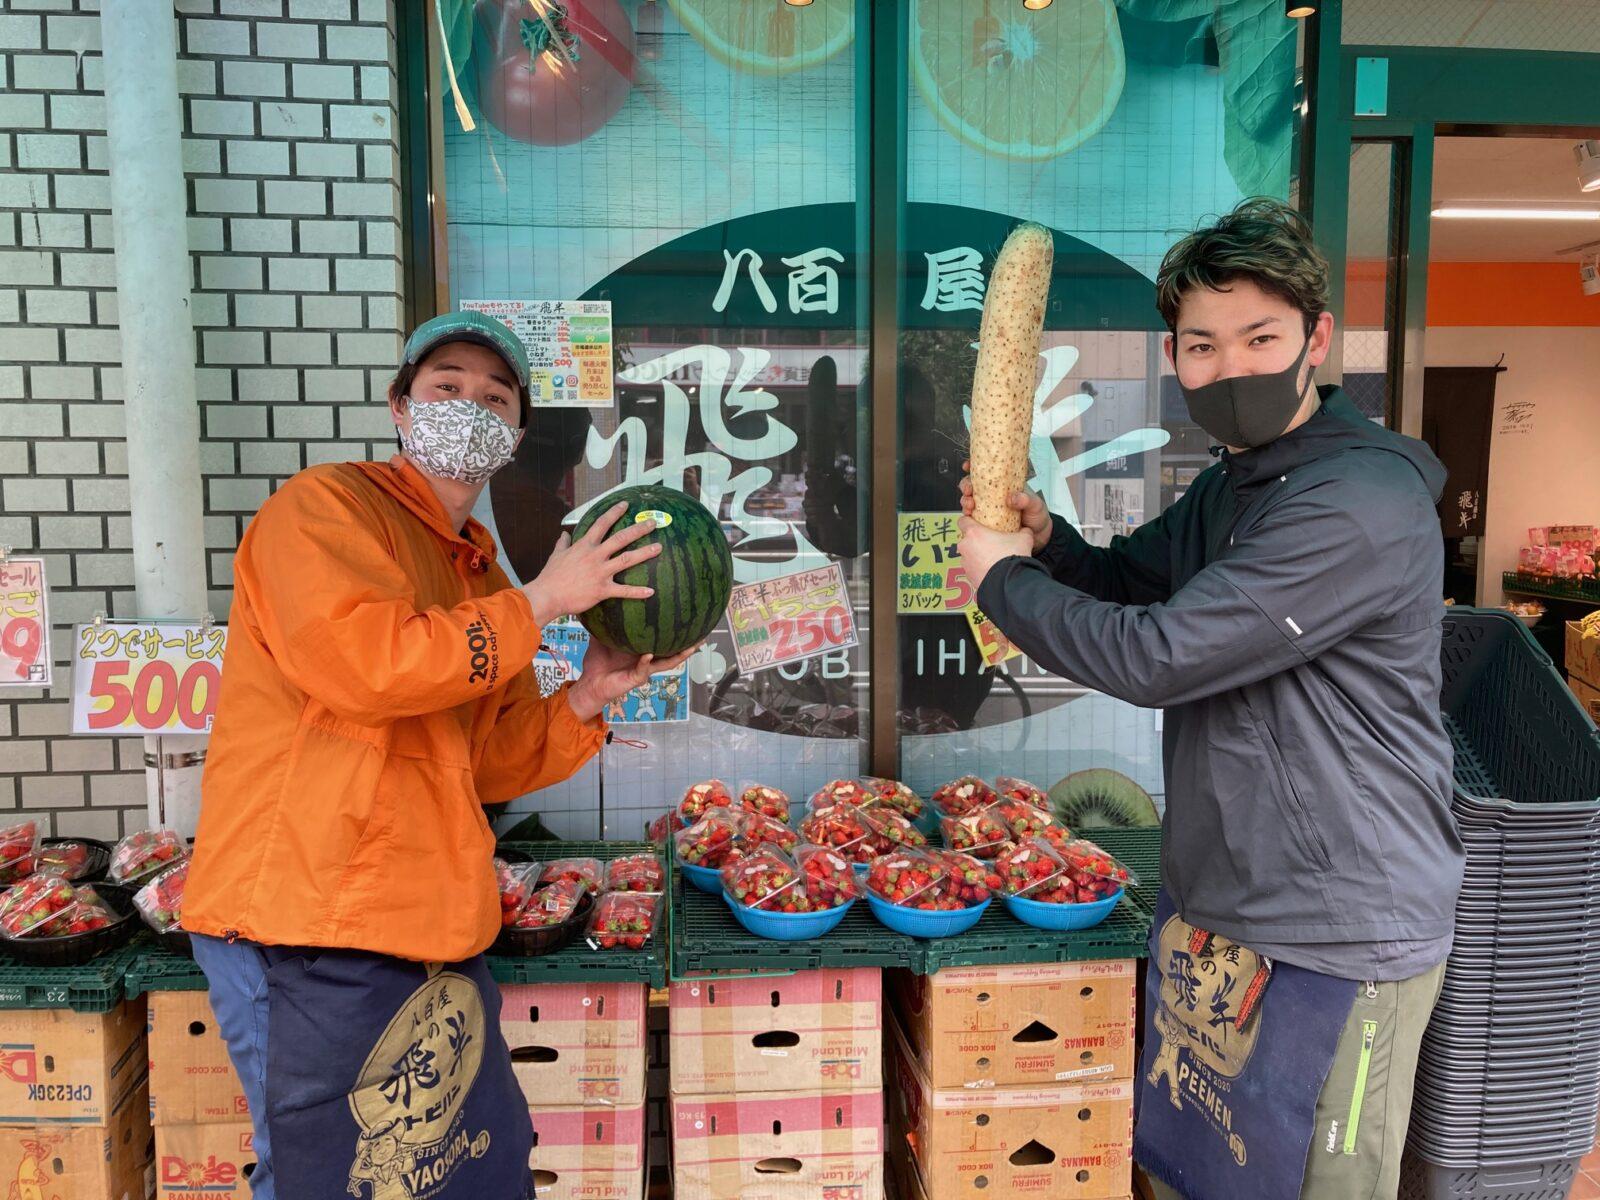 【国分寺市】野菜や果物は驚きの安さ。YouTubeチャンネルも持つ話題の八百屋さん